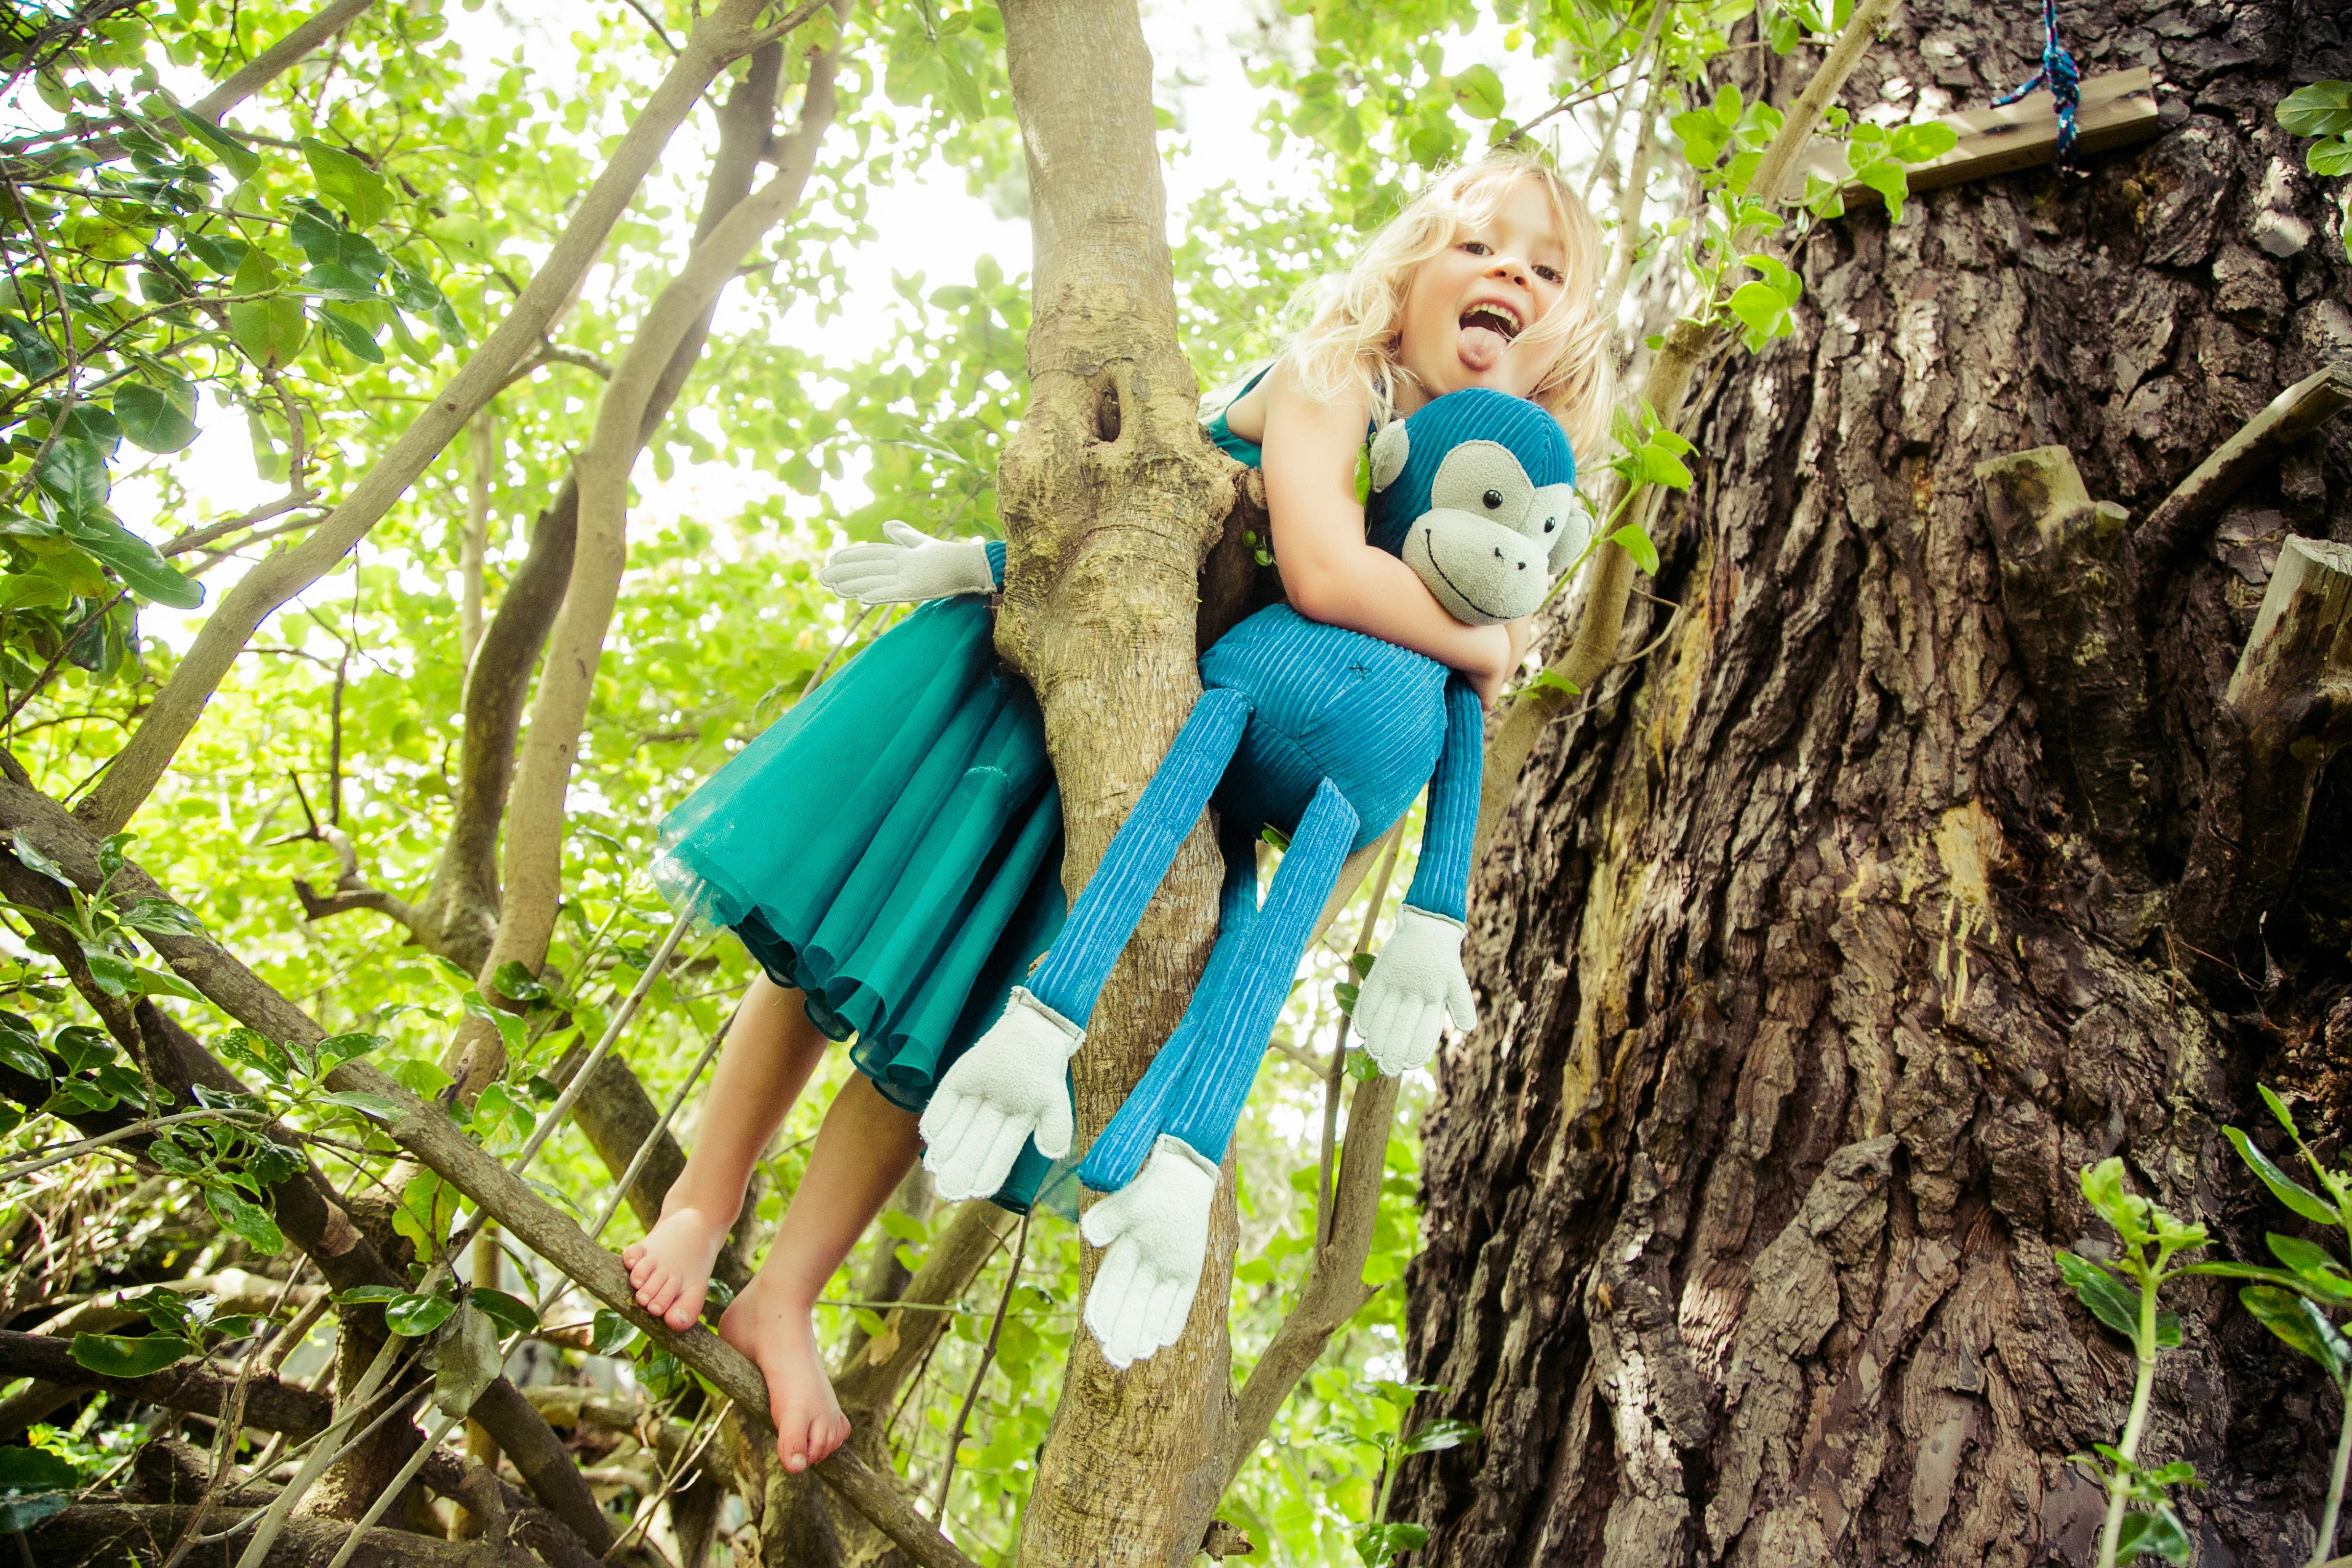 Two monkeys in a tree!